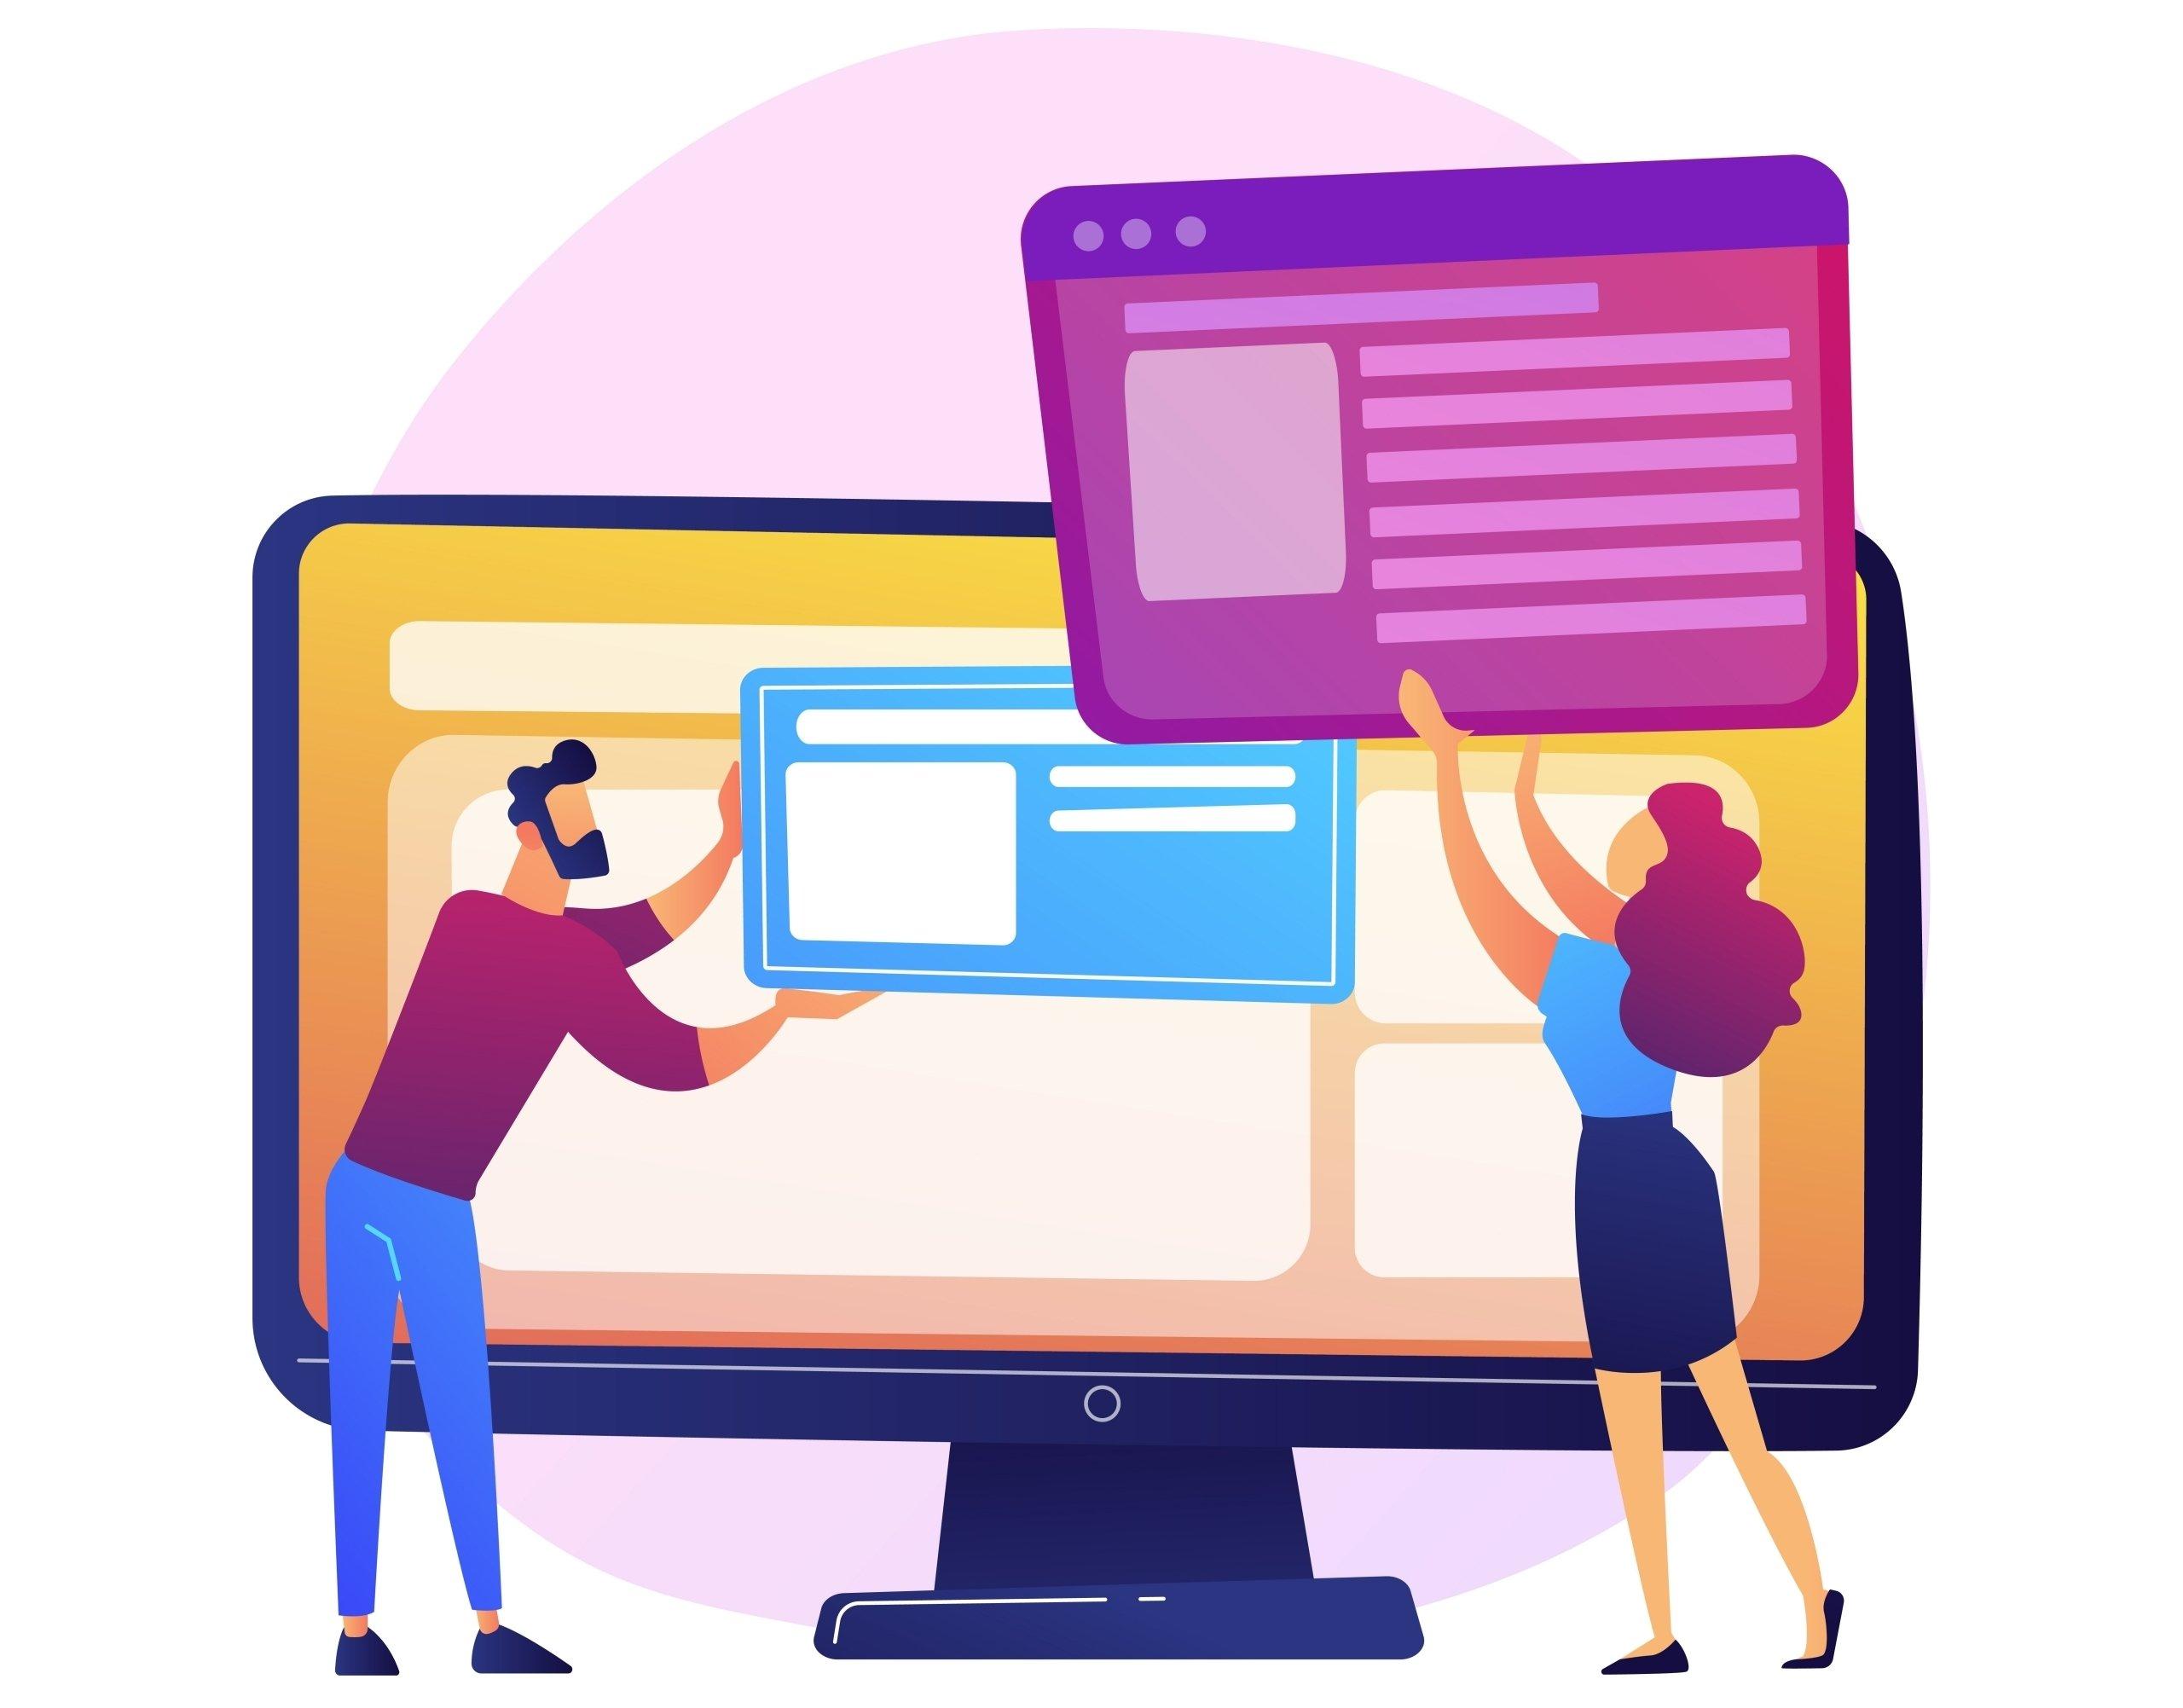 diseño agradable web